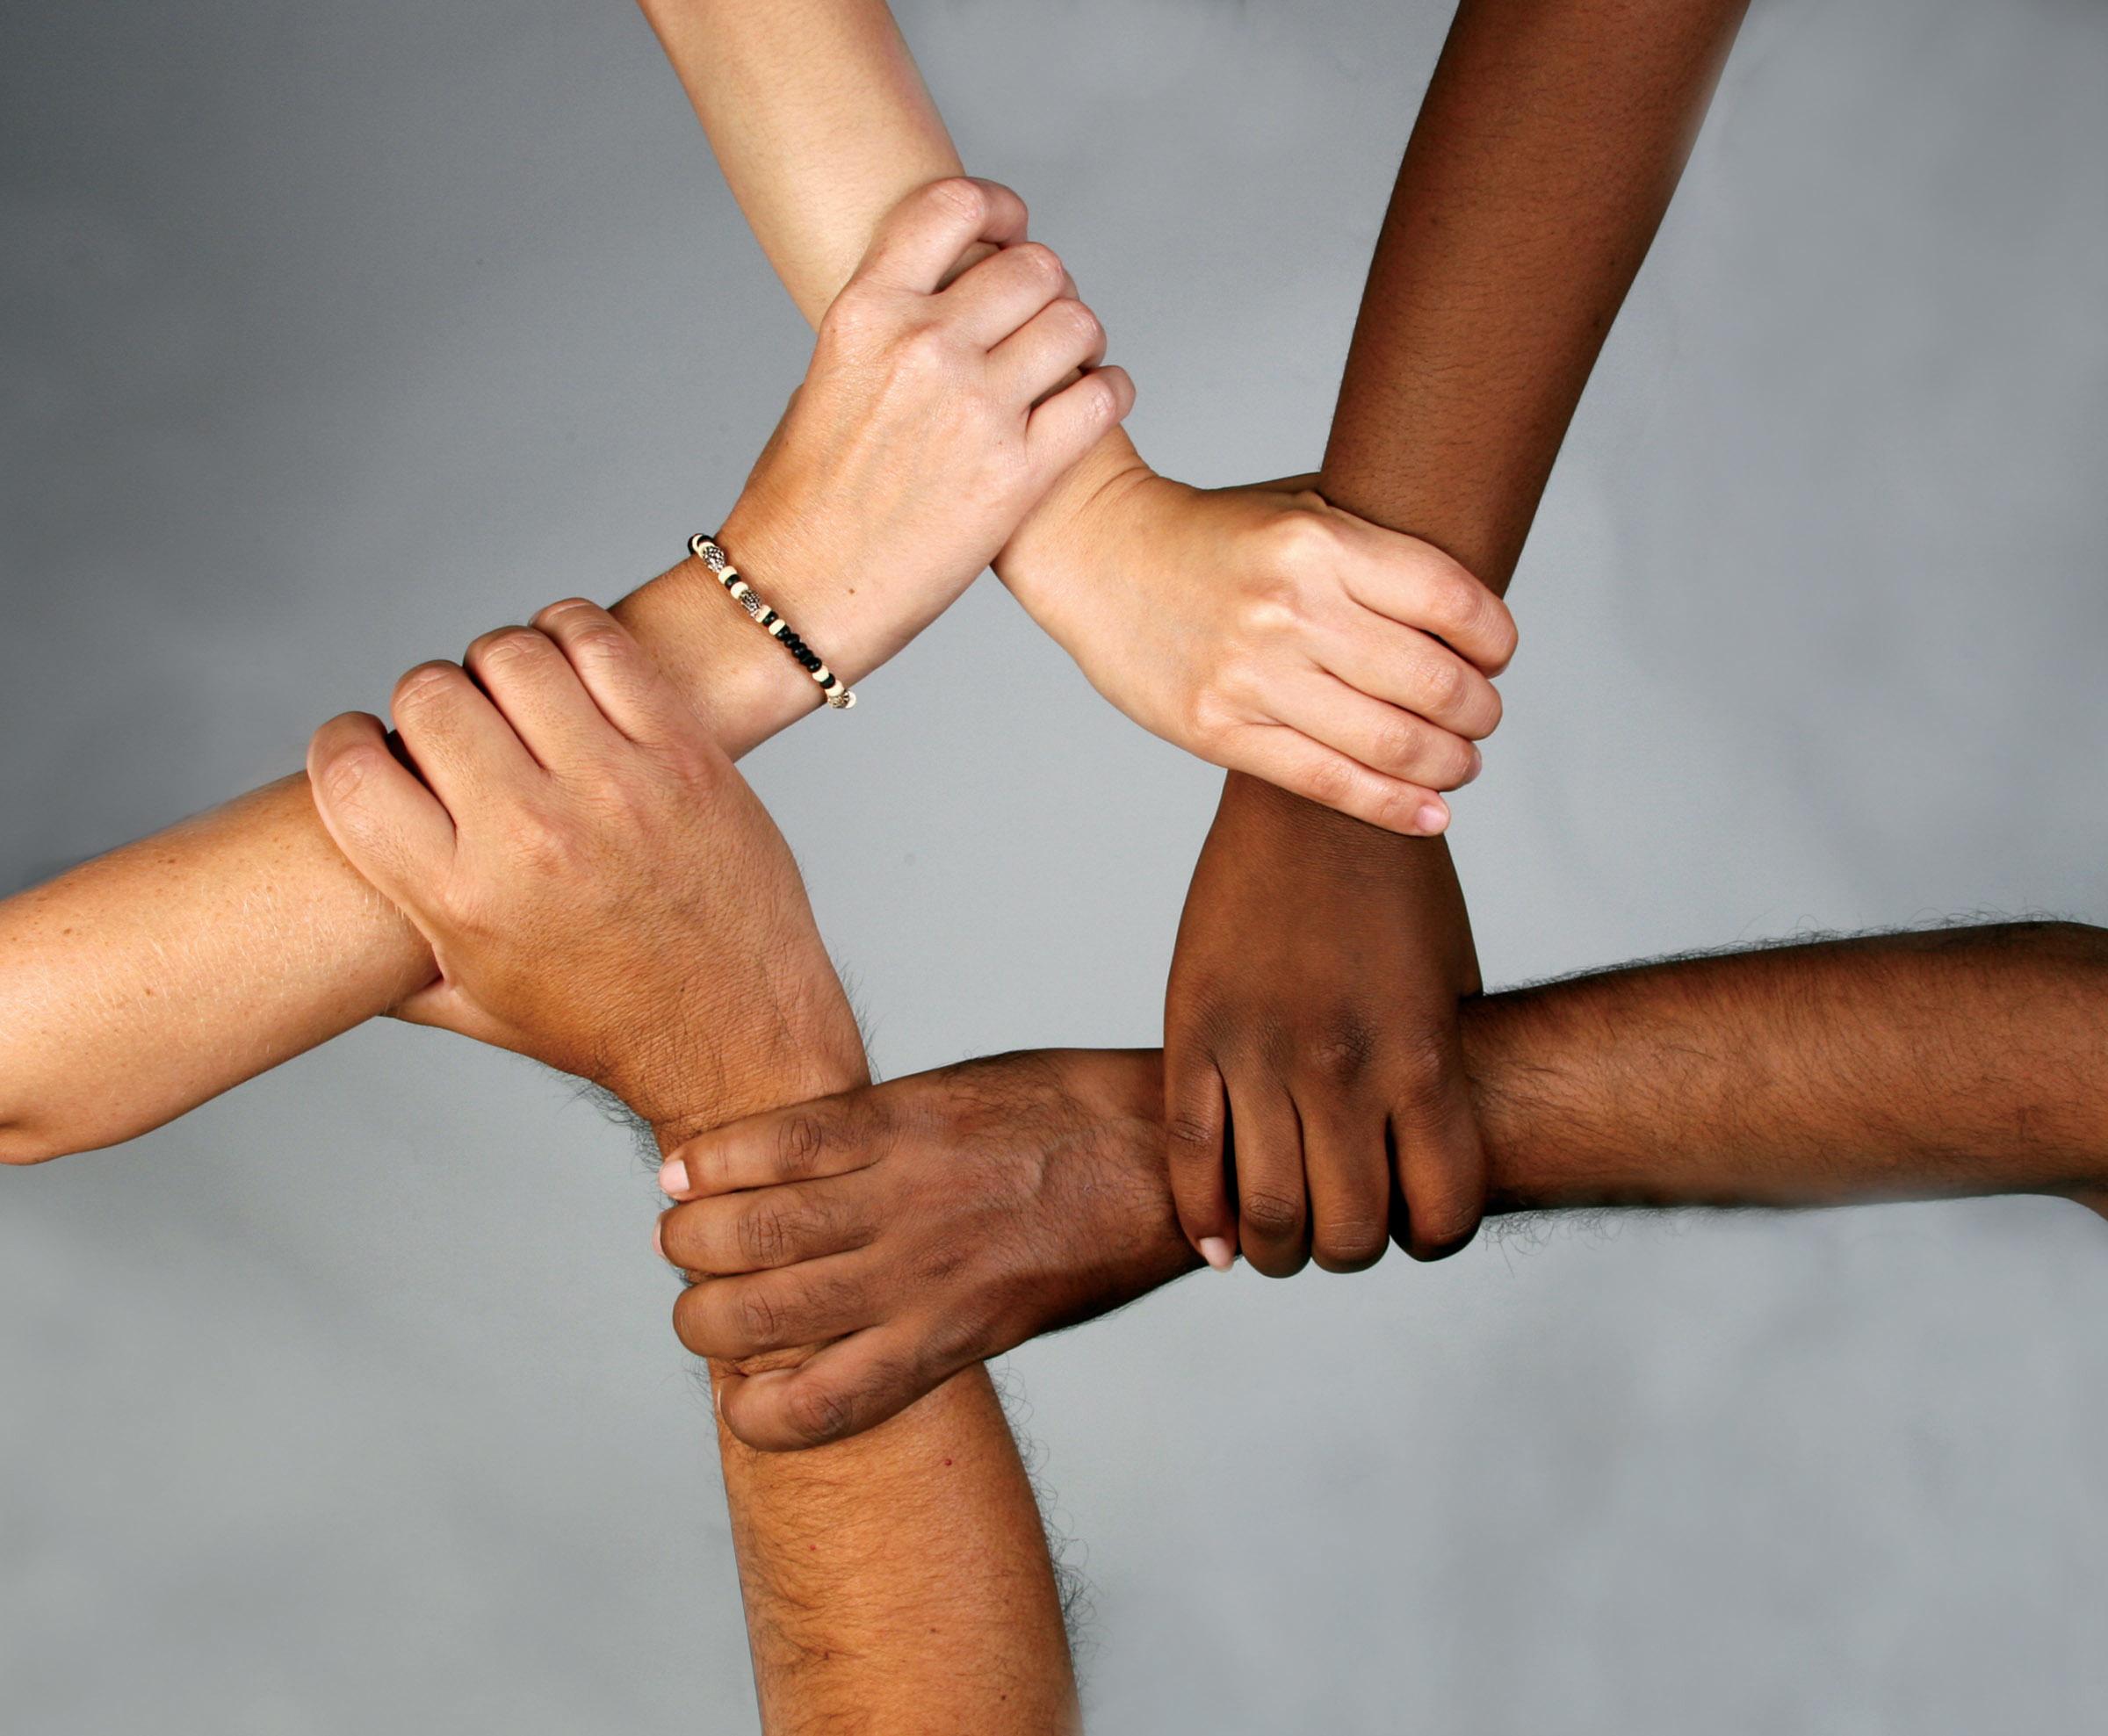 Επιμόρφωση στη Διαπολιτισμική Εκπαίδευση / Διαμεσολάβηση